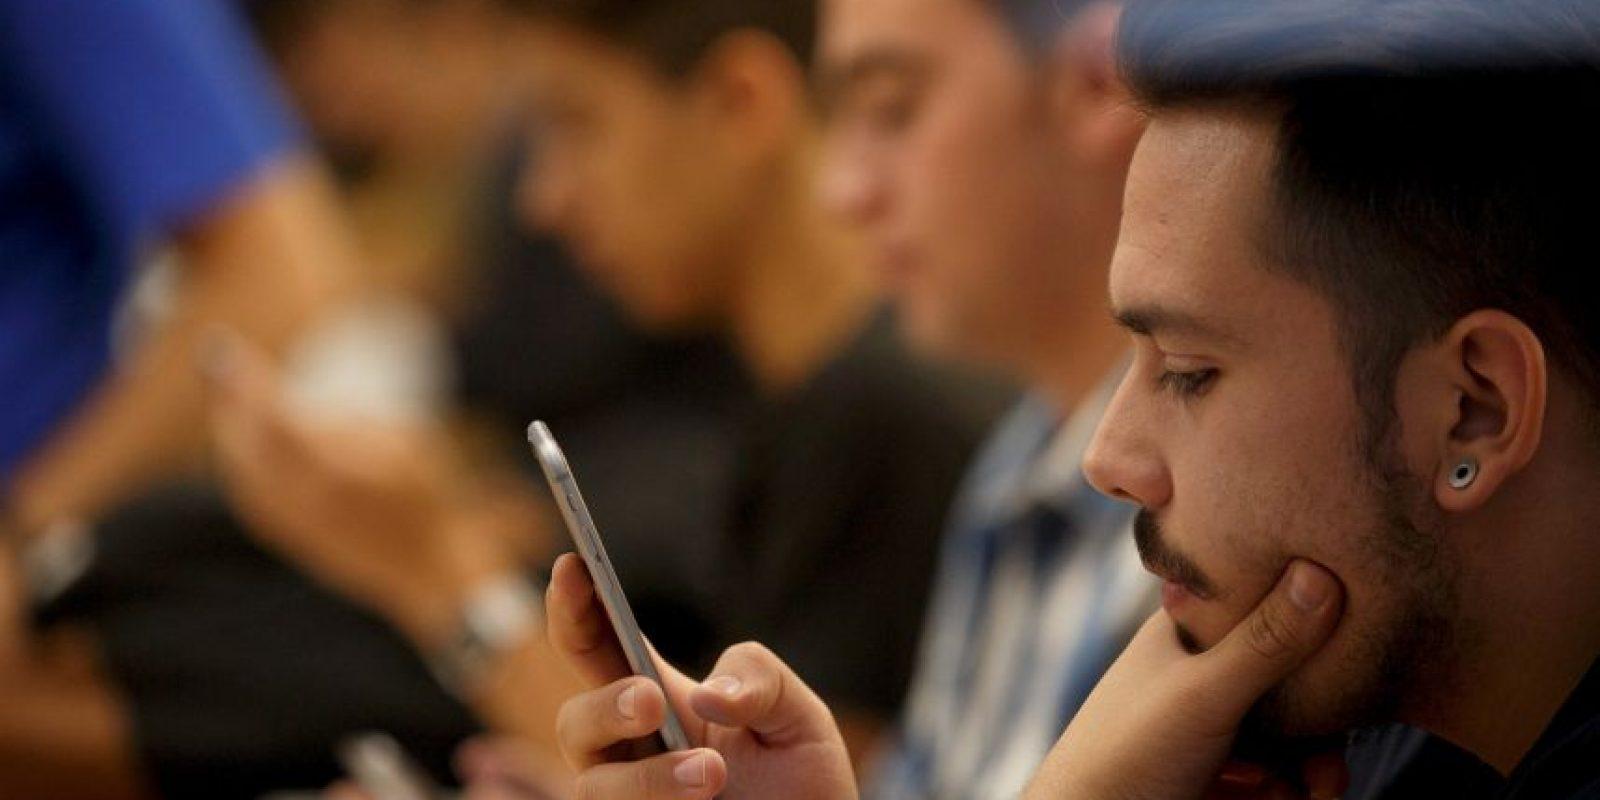 """Este tipo de interrupciones en la pareja, debidas a revisar el dispositivo móvil, son conocidas como """"technoference"""", según el estudio estadounidense. Foto:Getty Images"""